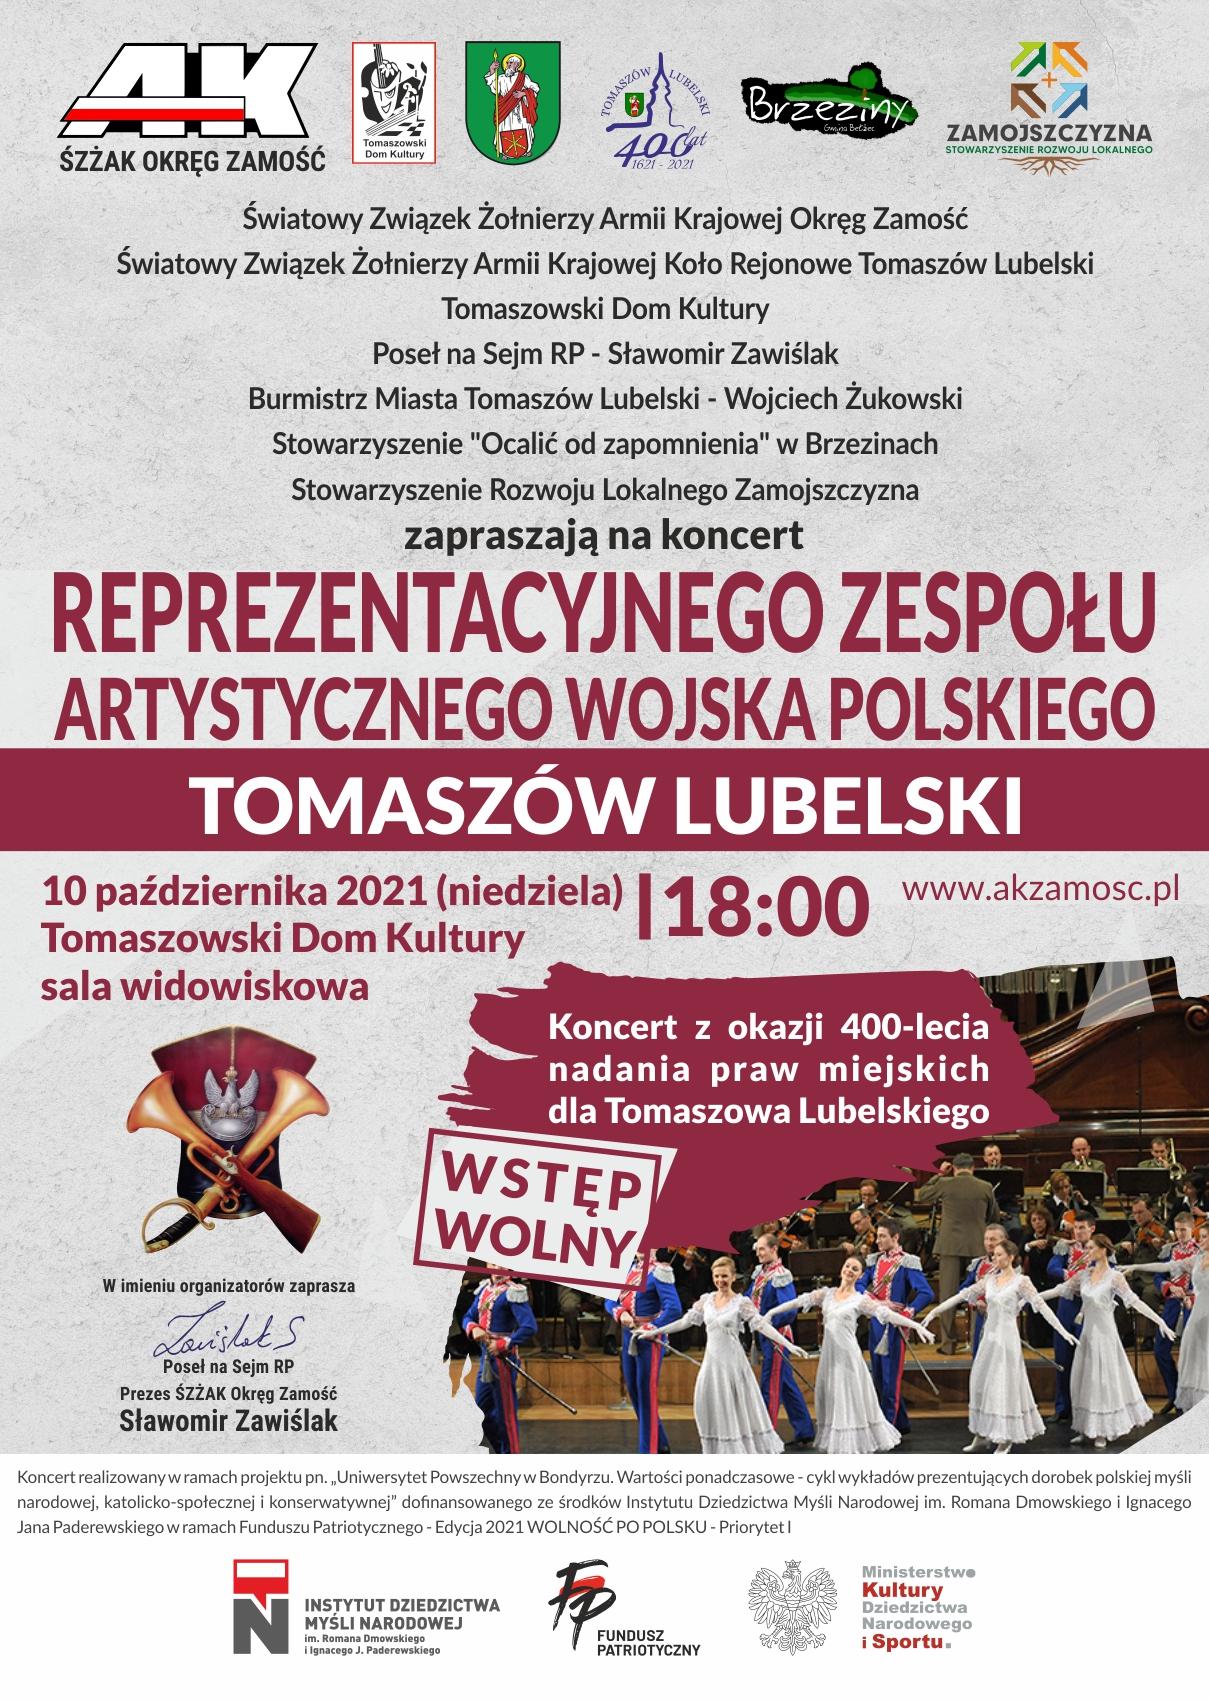 rzawp 10 10 2021 5 Koncert Reprezentacyjnego Zespołu Artystycznego Wojska Polskiego z okazji 400-lecia Tomaszowa Lubelskiego